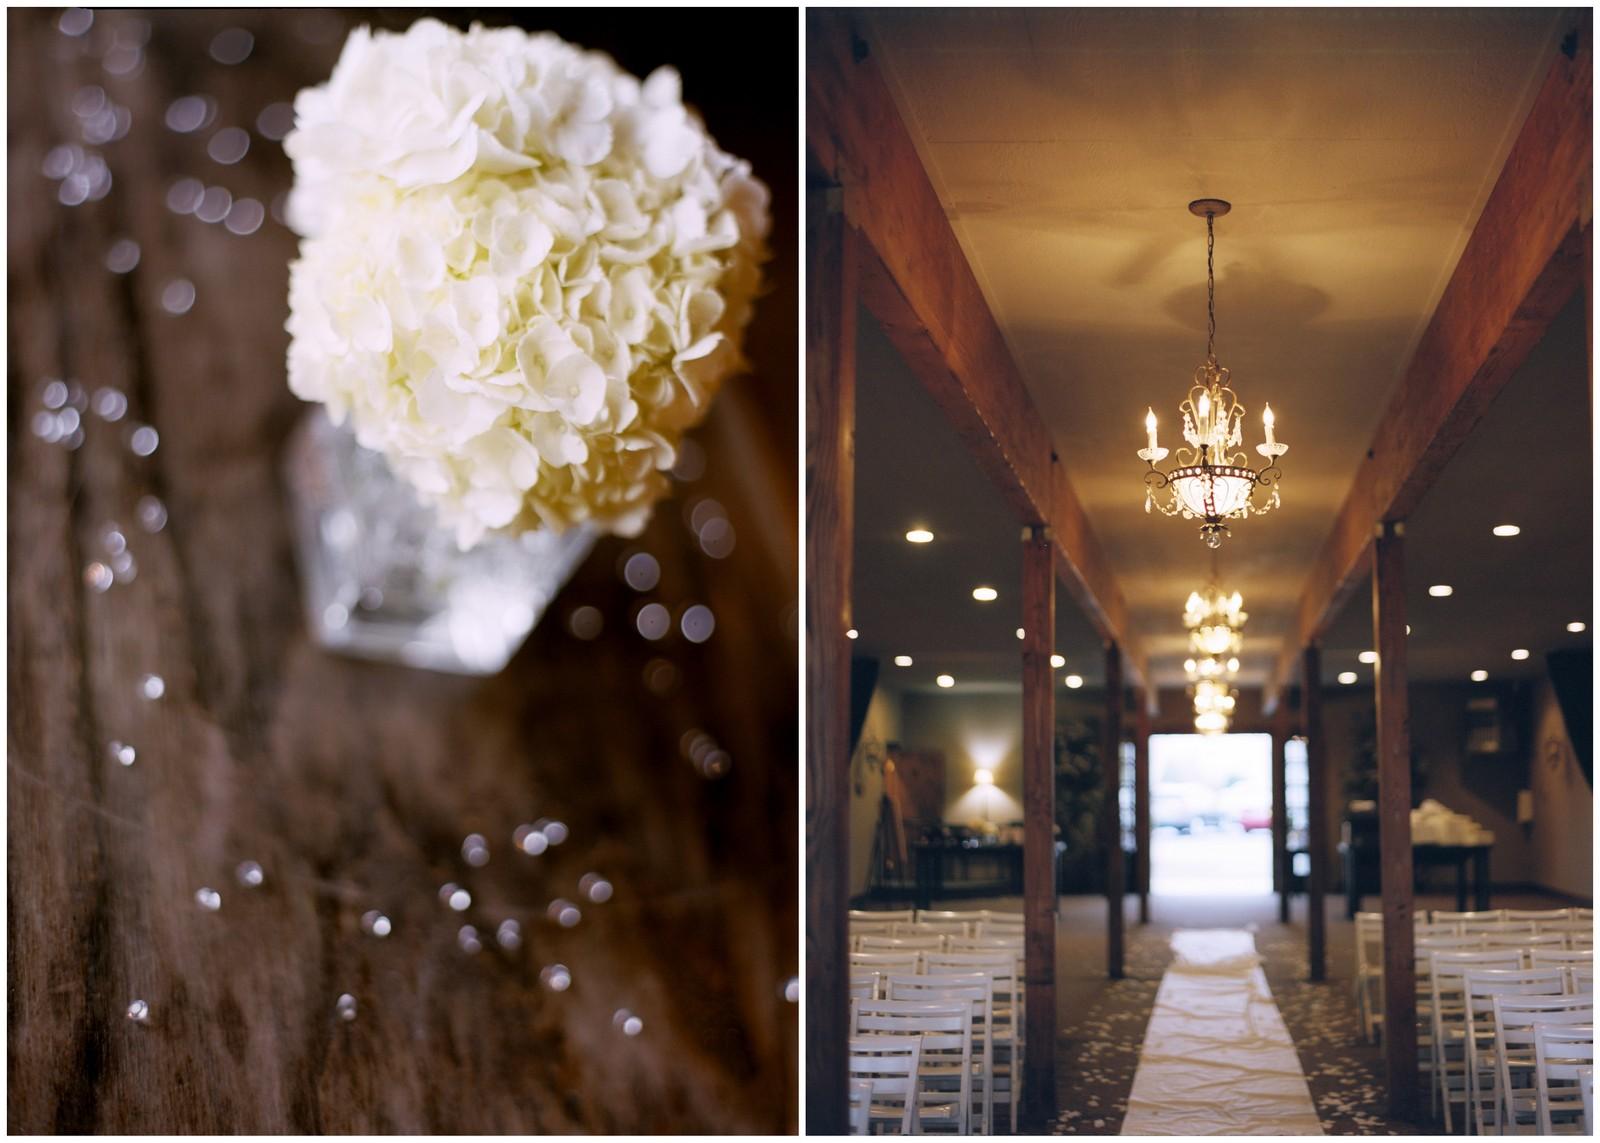 54 indoor wedding snohomish wa 56 best weddings in for Indoor wedding venues washington state